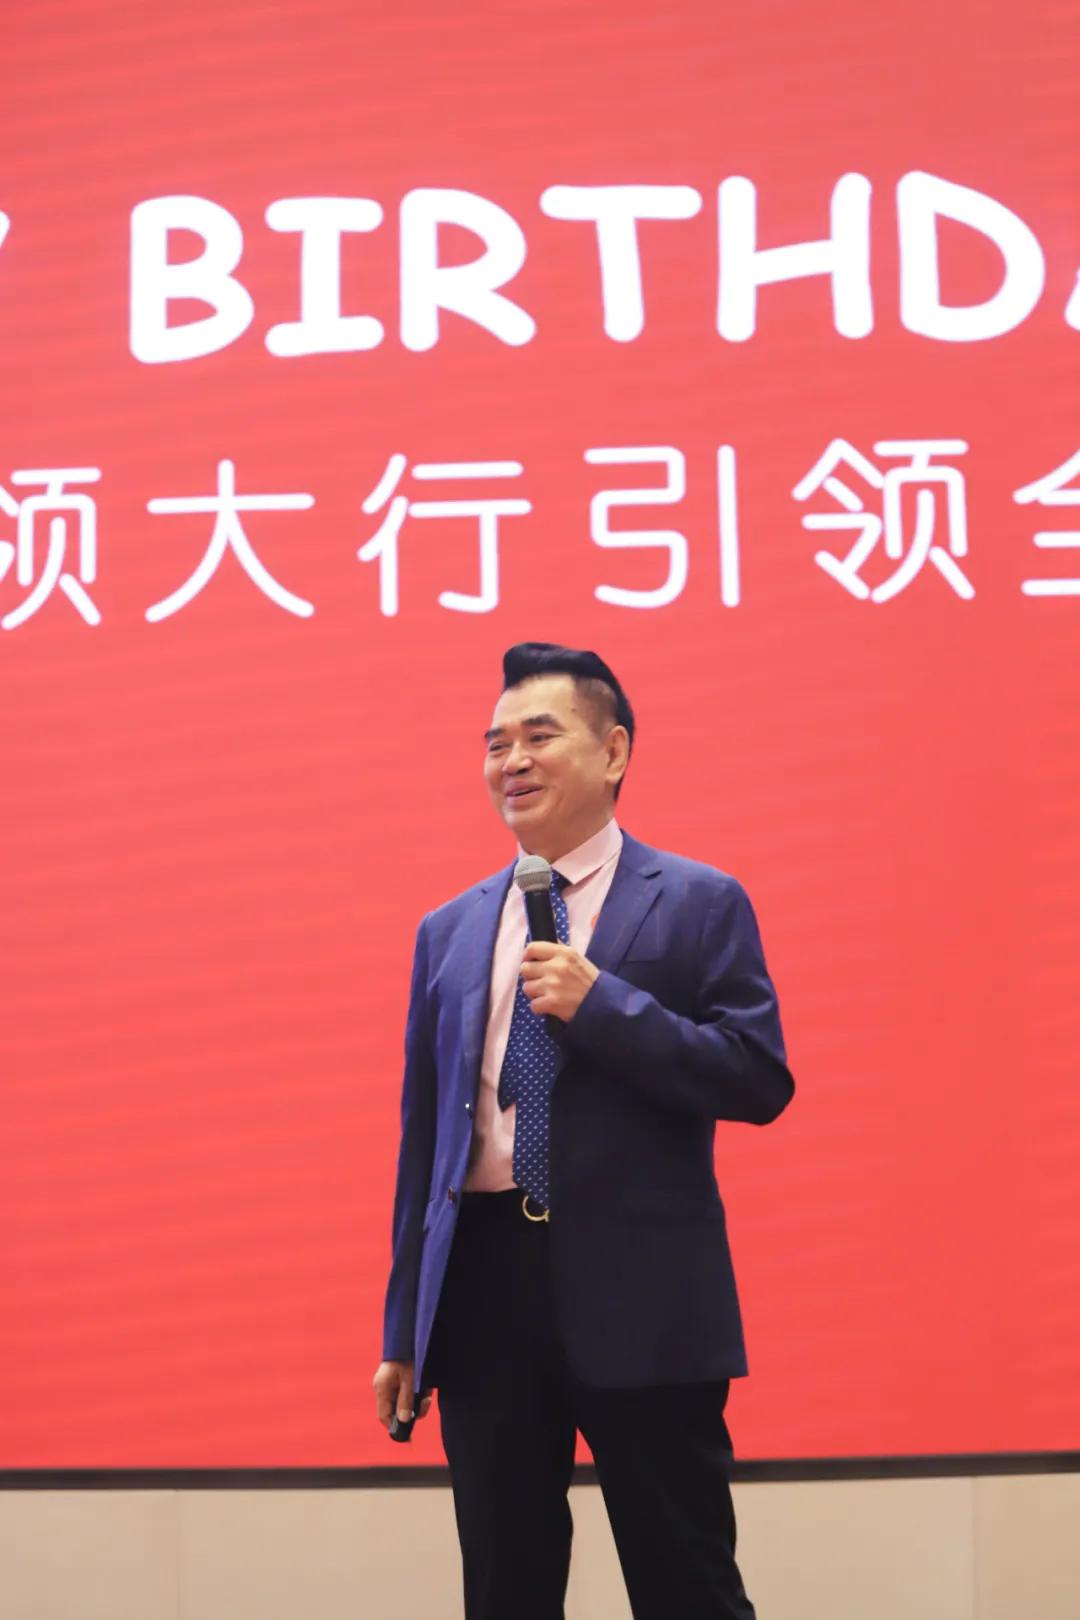 大行折叠车创始人韩德玮博士喜迎80大寿,致敬祖国,与时代同行